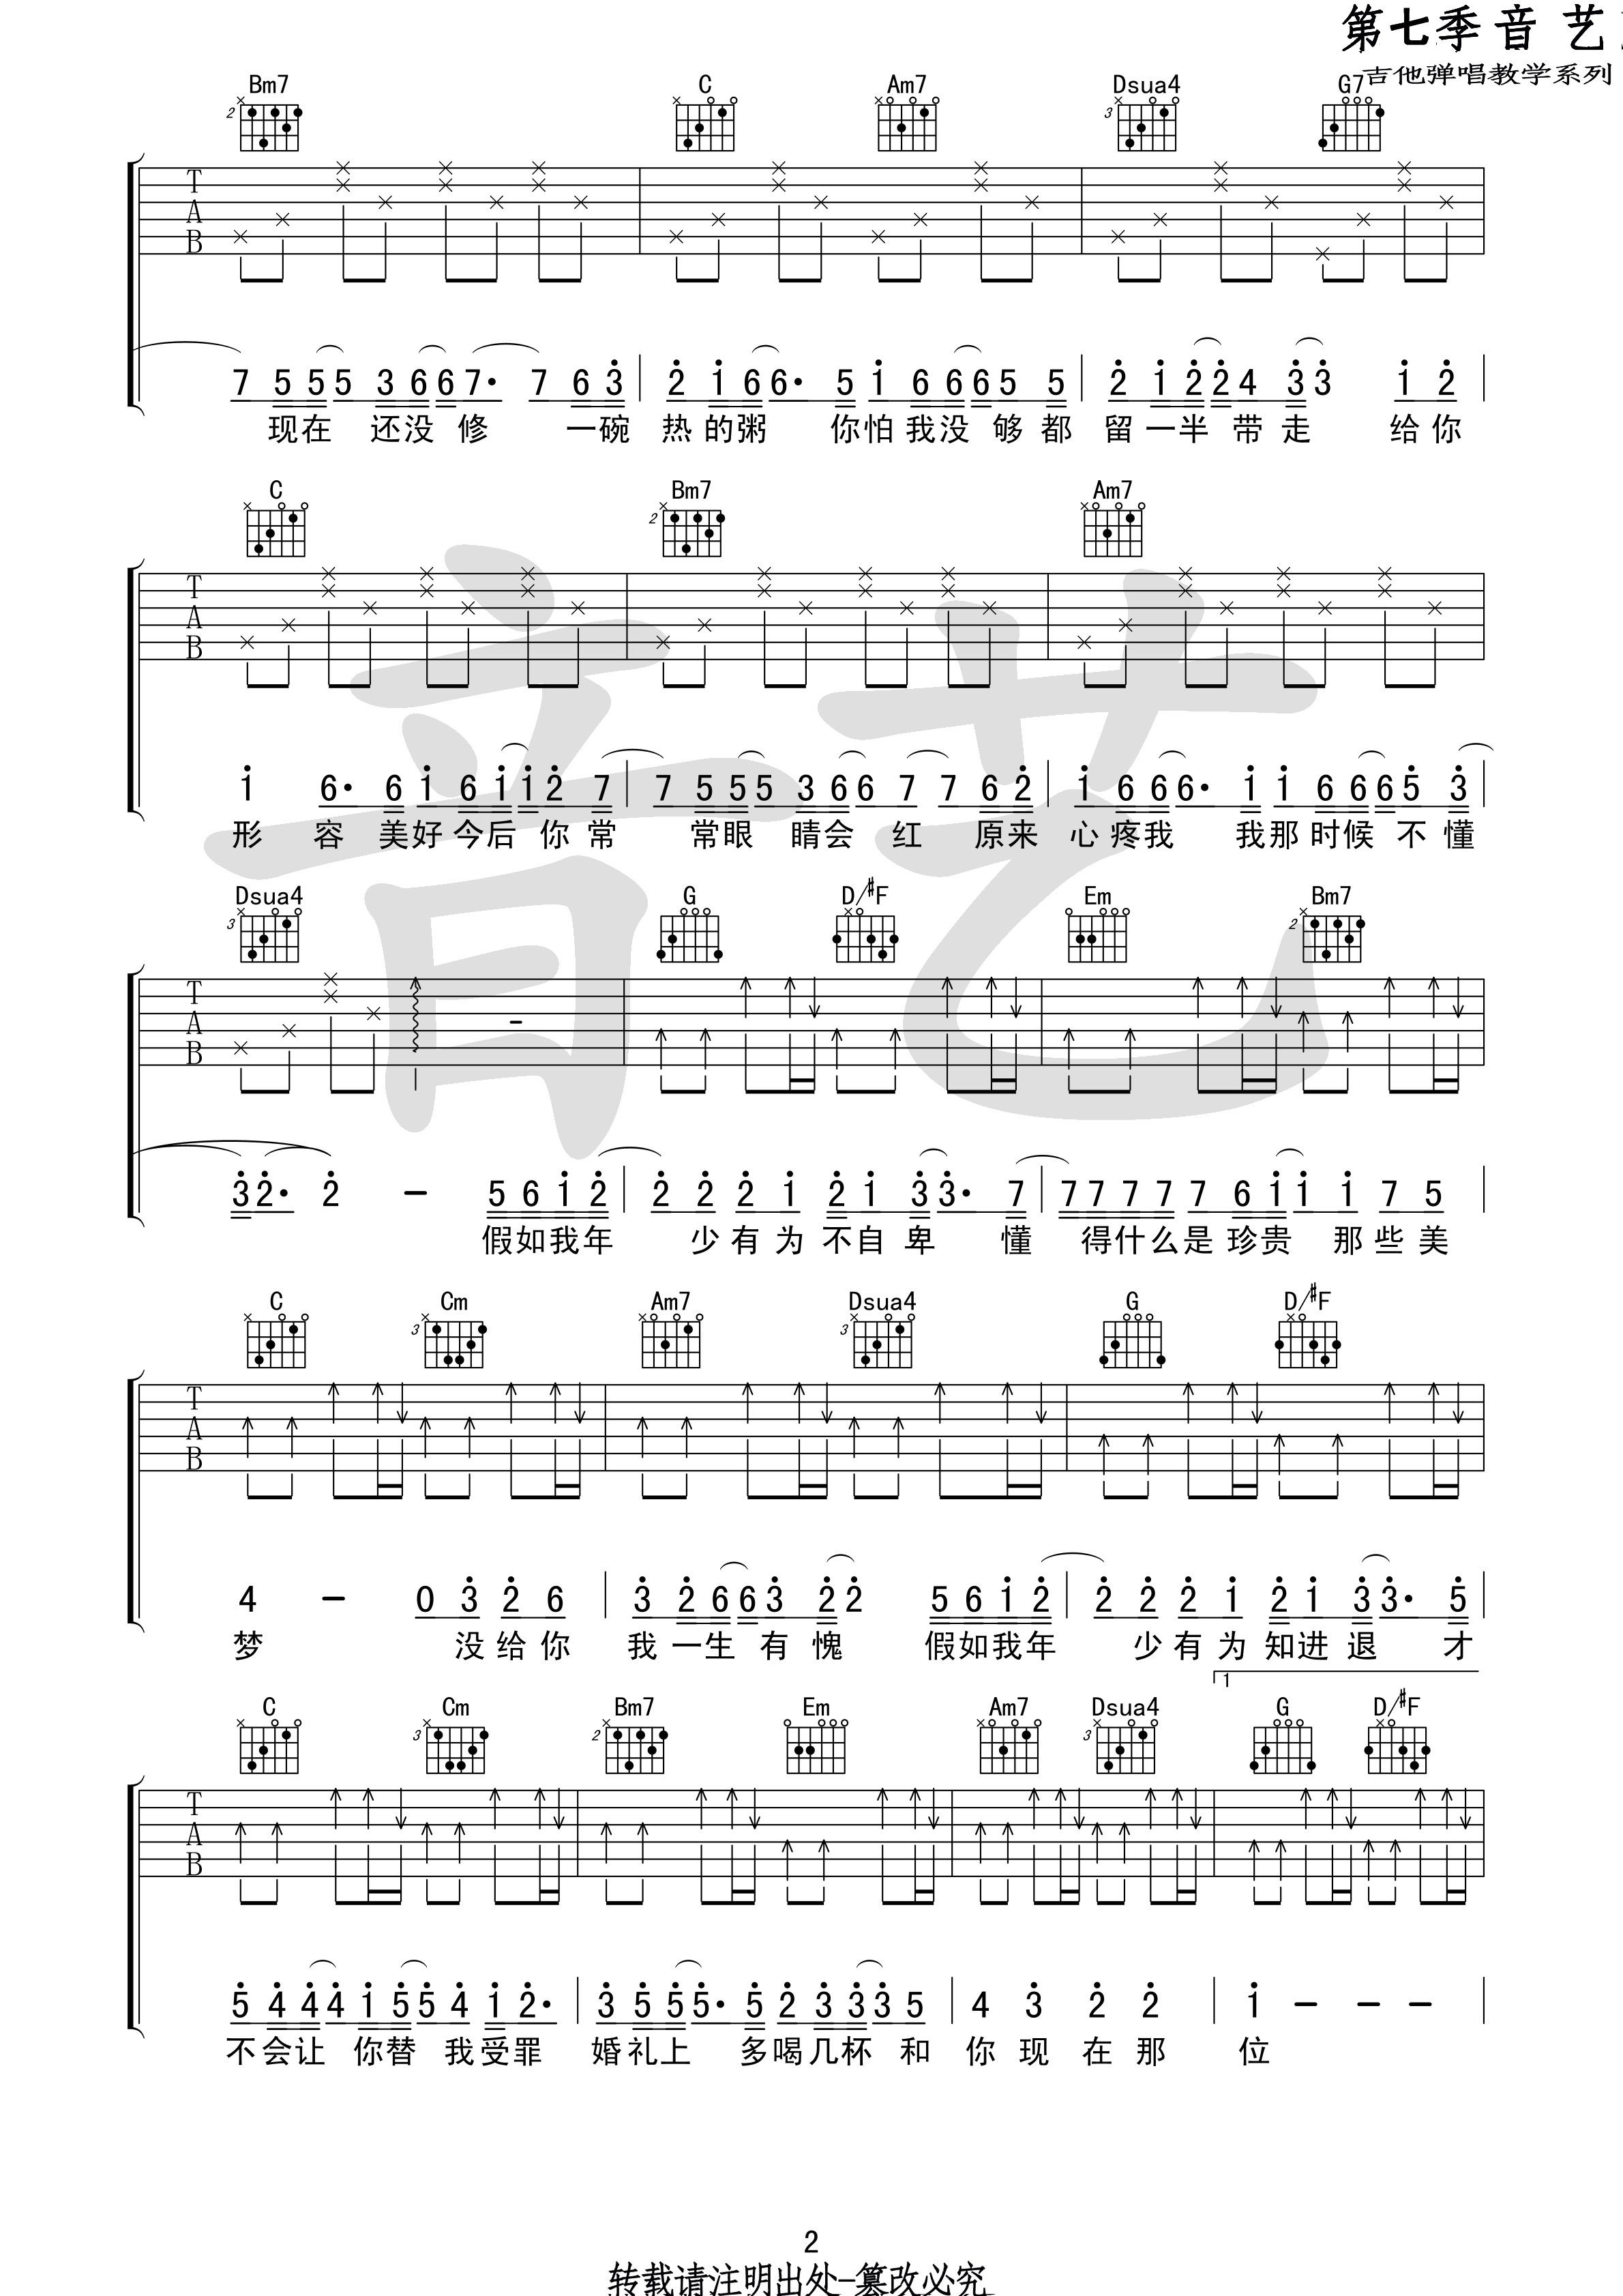 年少有为(音艺吉他弹唱教学:第七季第72集)吉他谱(图片谱,弹唱,伴奏,音艺吉他弹唱教学)_李荣浩_年少有为2 第七季第七十二集.jpg